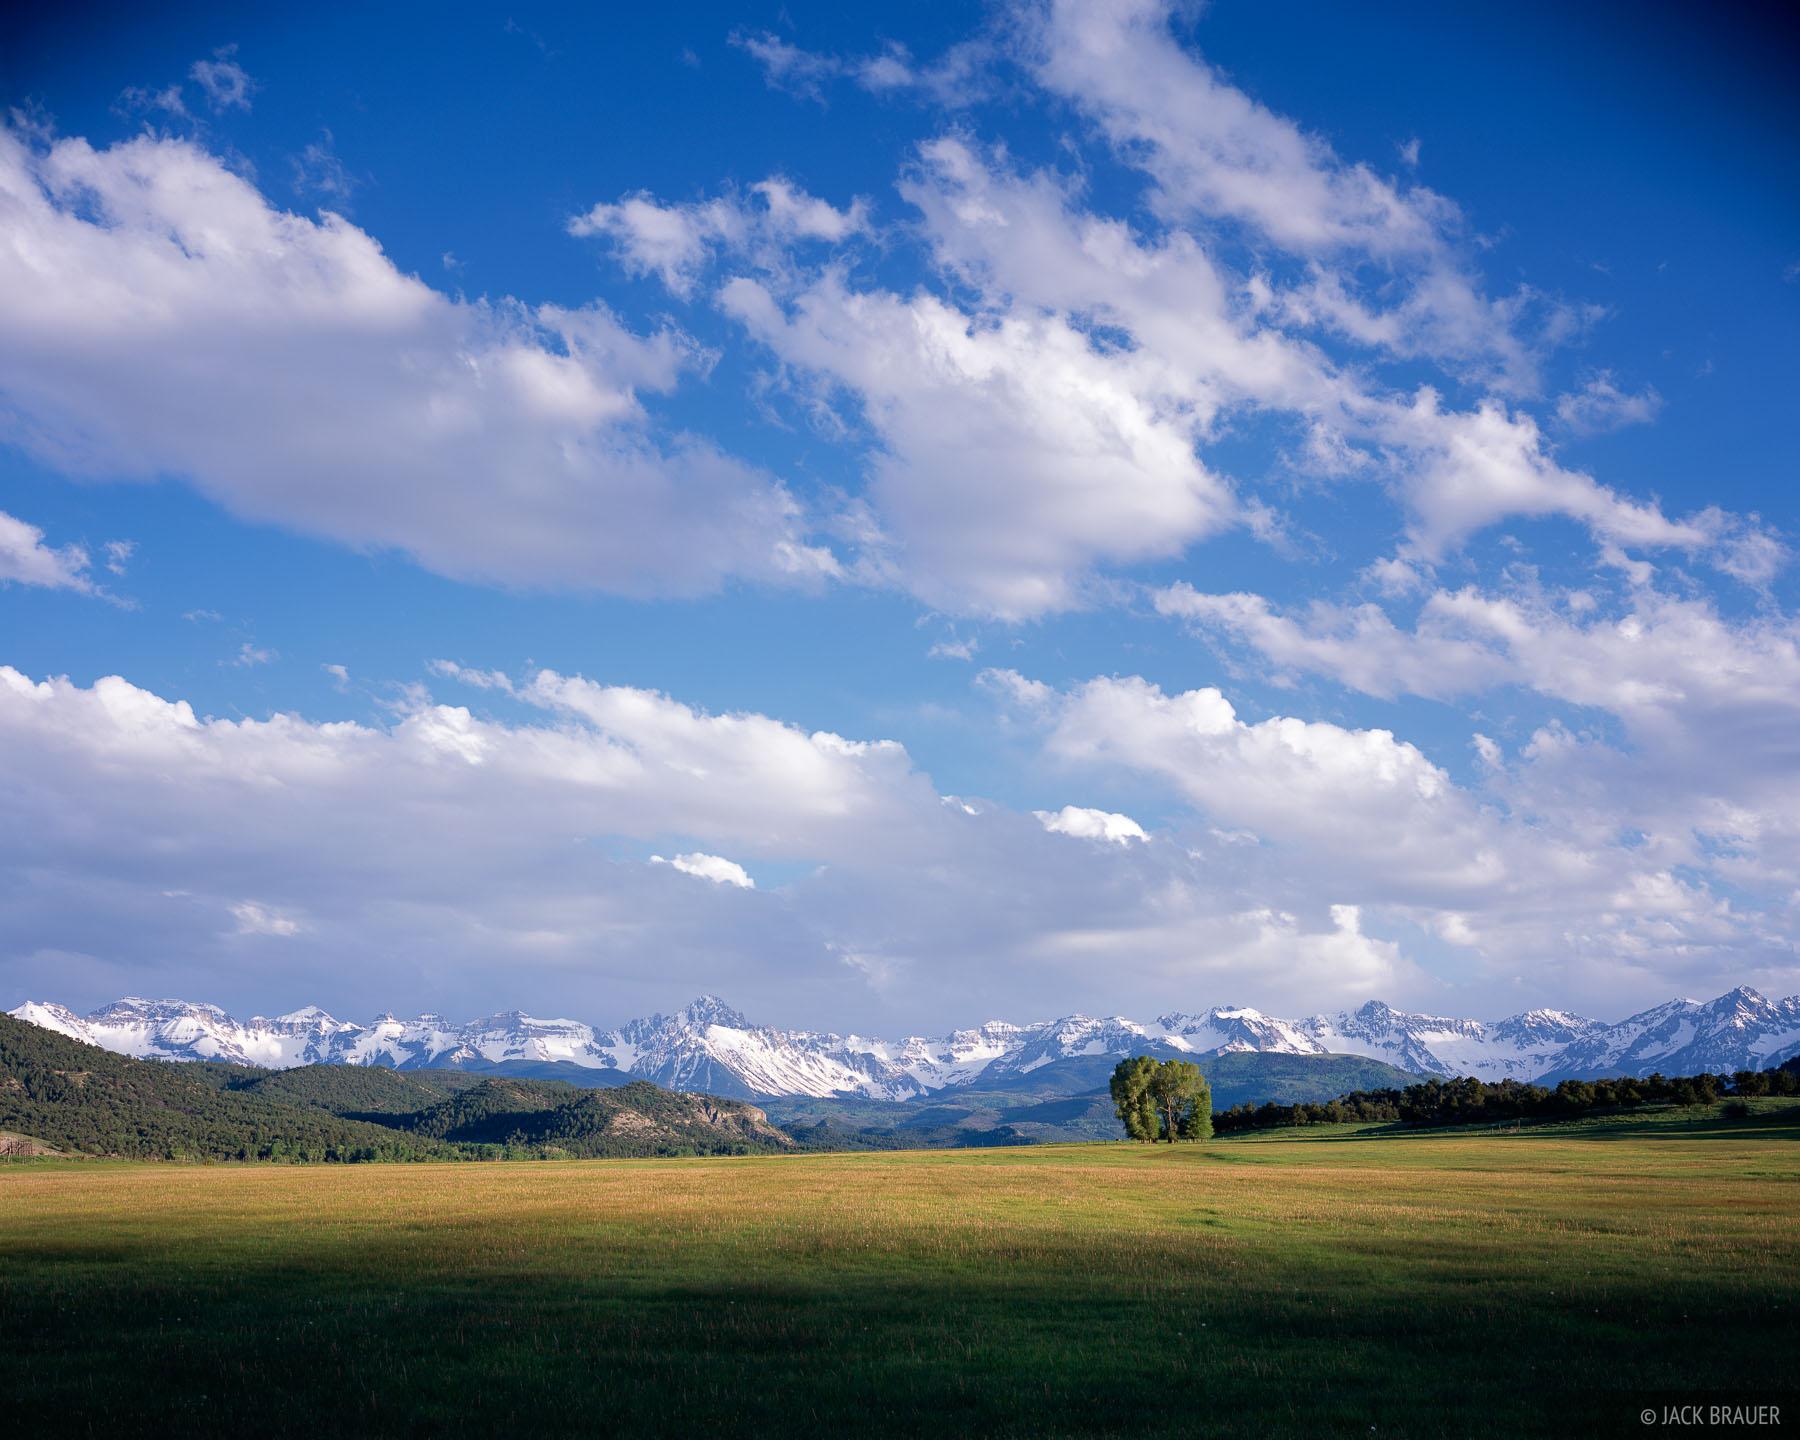 Sneffels Range, clouds, San Juans, Colorado, photo